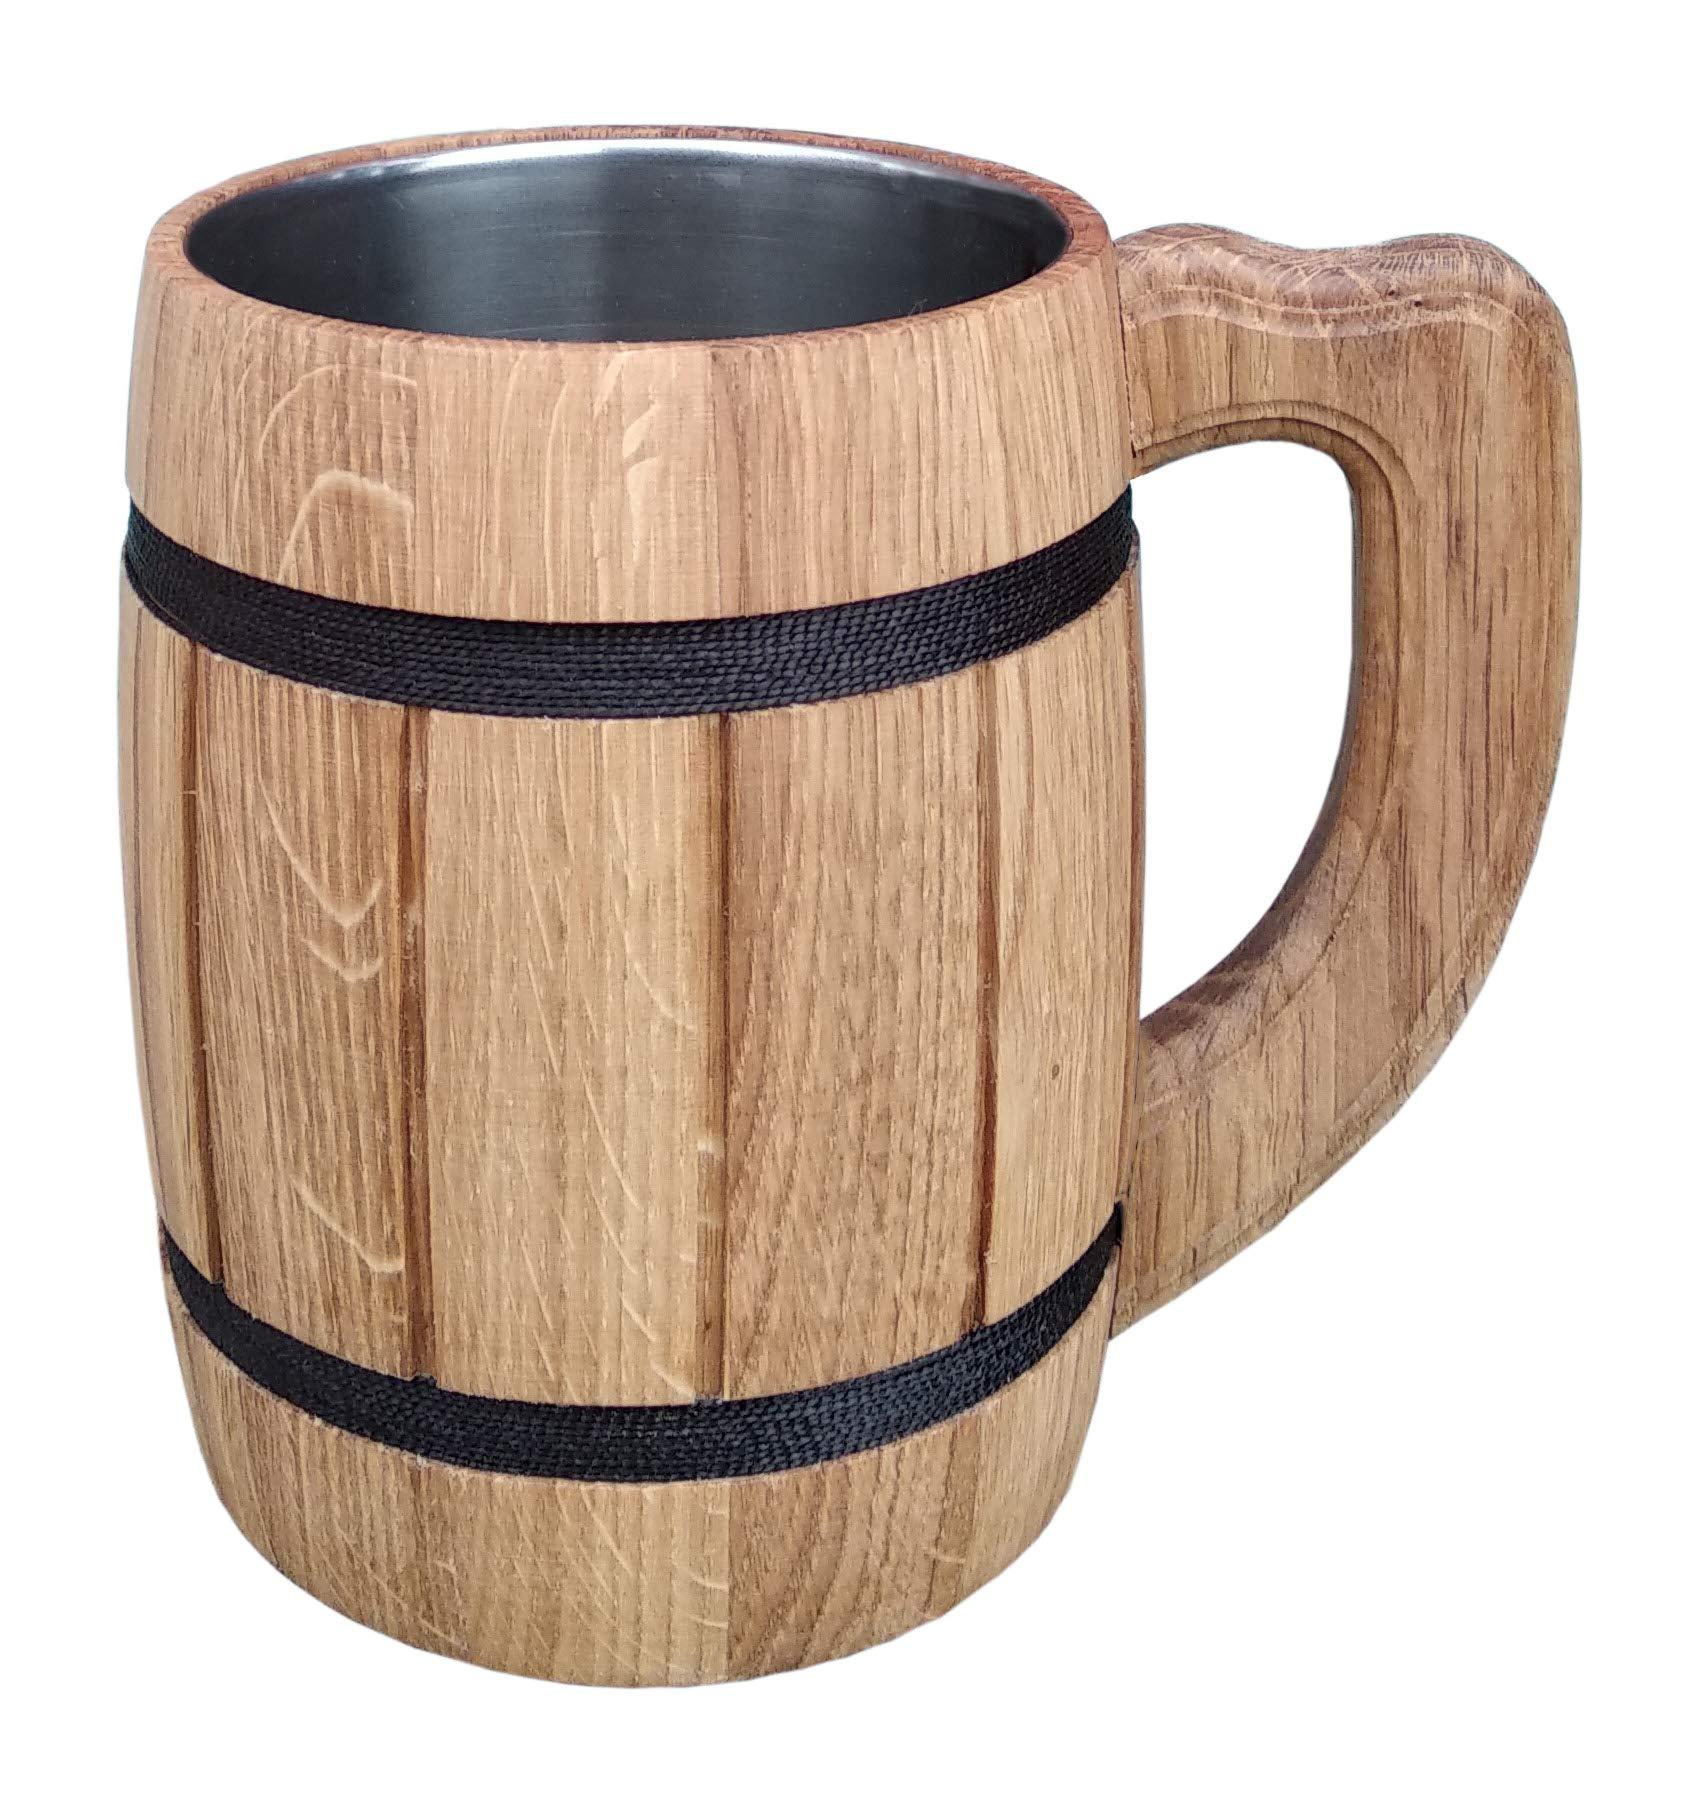 Wooden Beer Tankard Beer Mug Capacity: 20 oz (0.6 liters). Wooden Beer Stein - Wood Carving Beer Mug of Wood Eco Friendly Great Beer Gift Ideas Beer Mug for Men. Color Beige